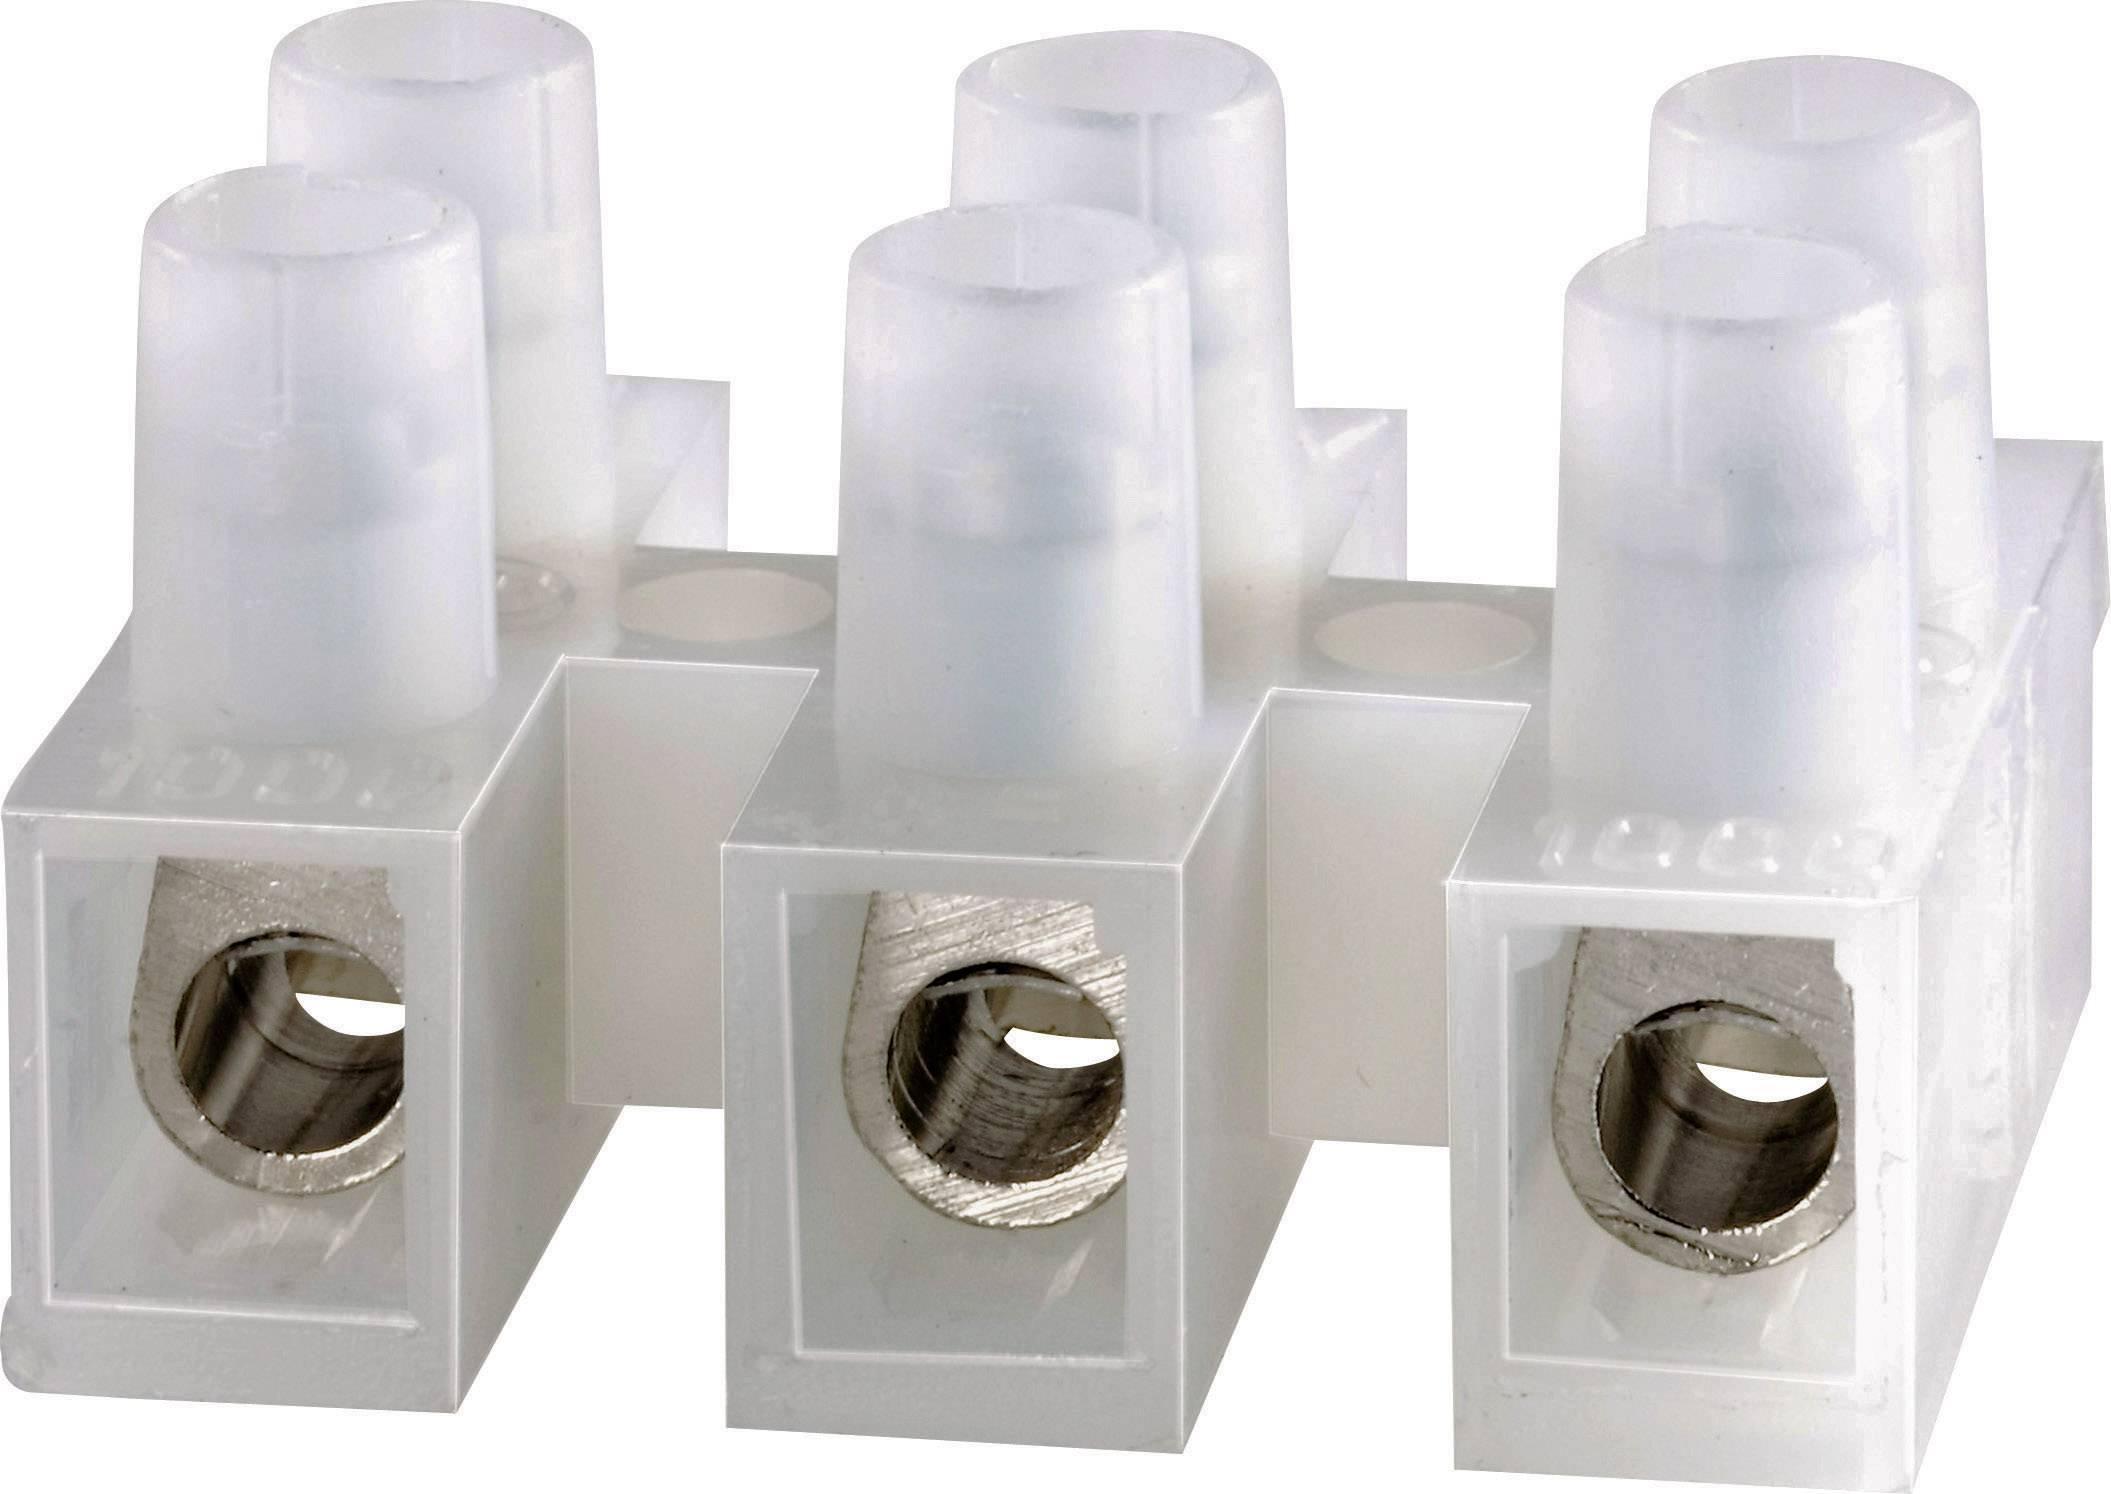 Svietidlové svorky Adels-Contact 500/335 123203 na kábel s rozmerom -2.5 mm², tuhosť -2.5 mm², počet pinov 3, 1 ks, prírodná